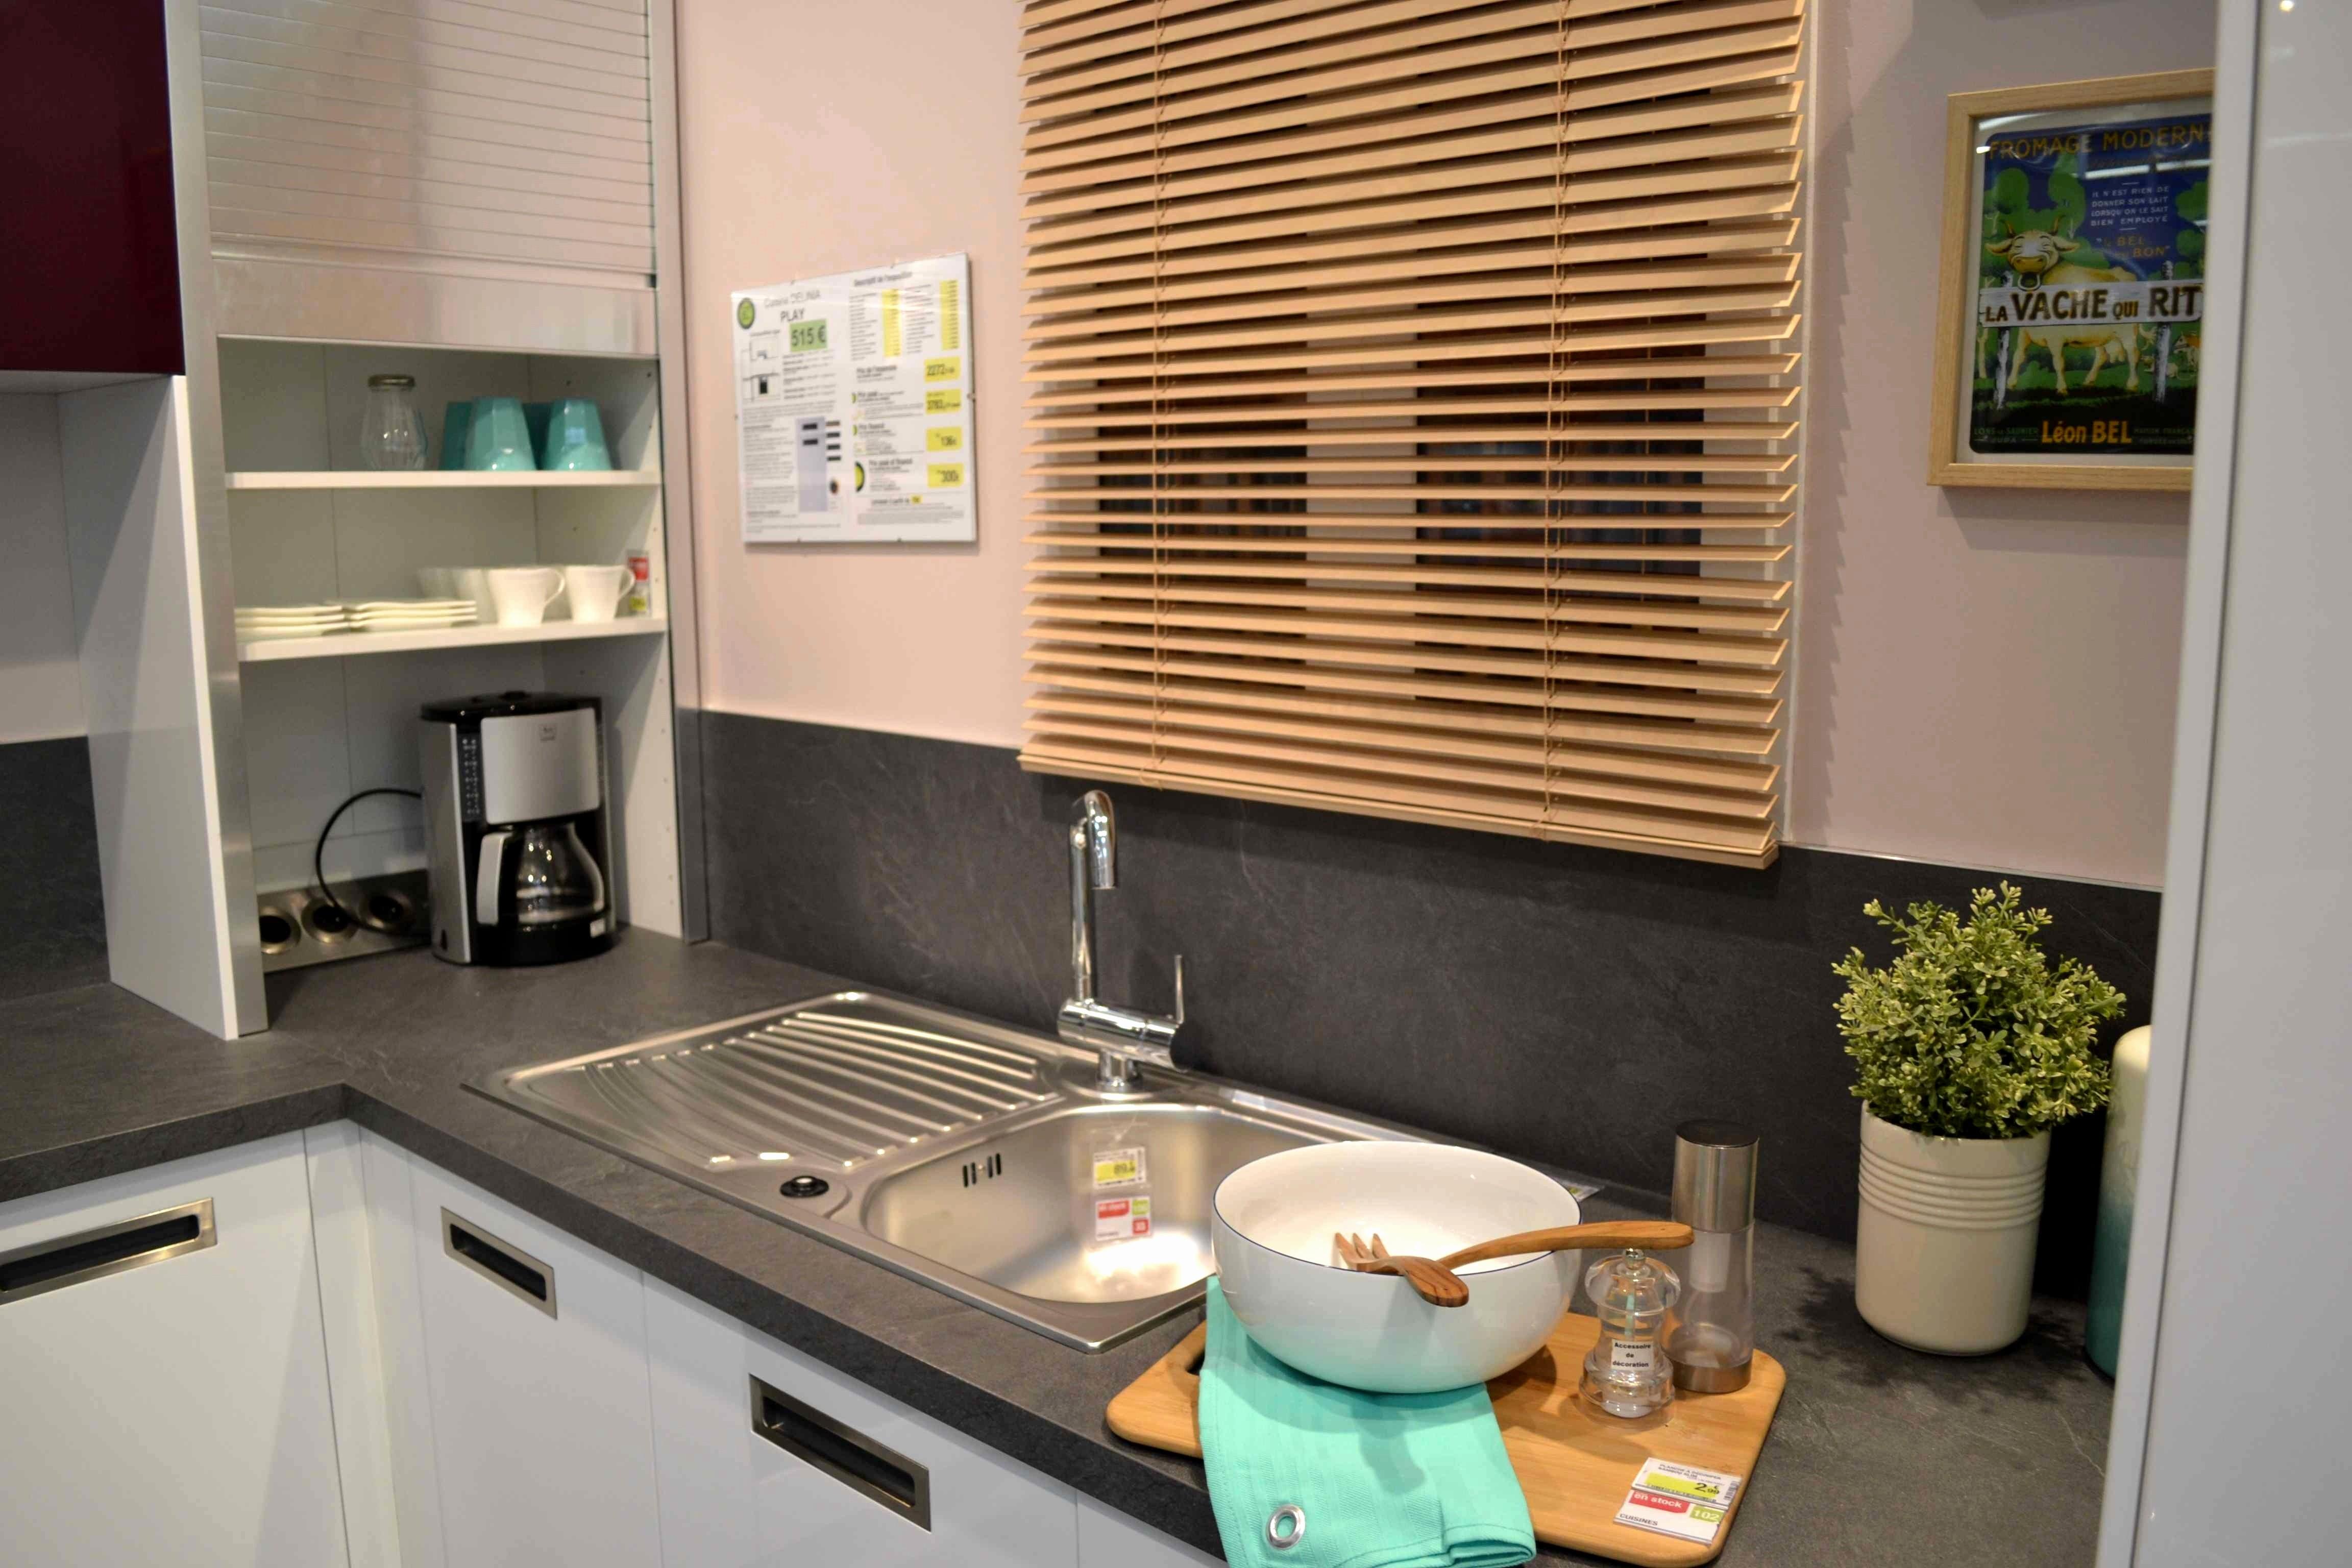 Cuisine Darty Stockholm Meilleur De Image 20 Inspirant S De Cuisine Darty Stockholm Nouvelles Idées Cuisine